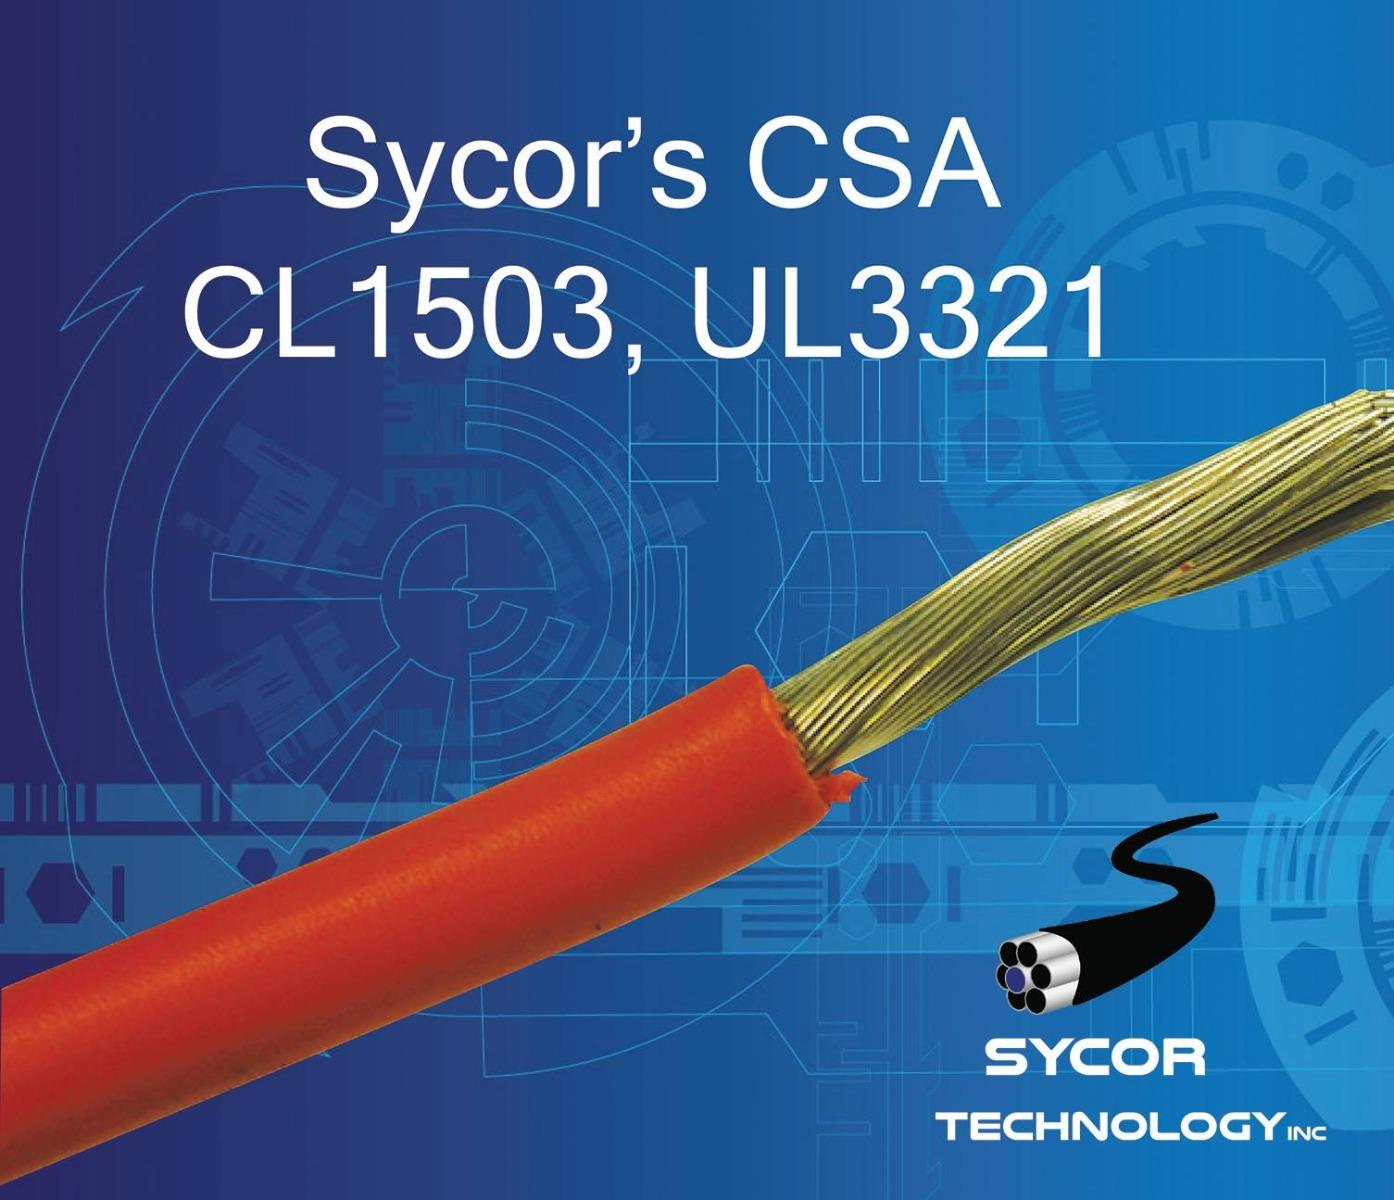 CSA CL1503, UL3321